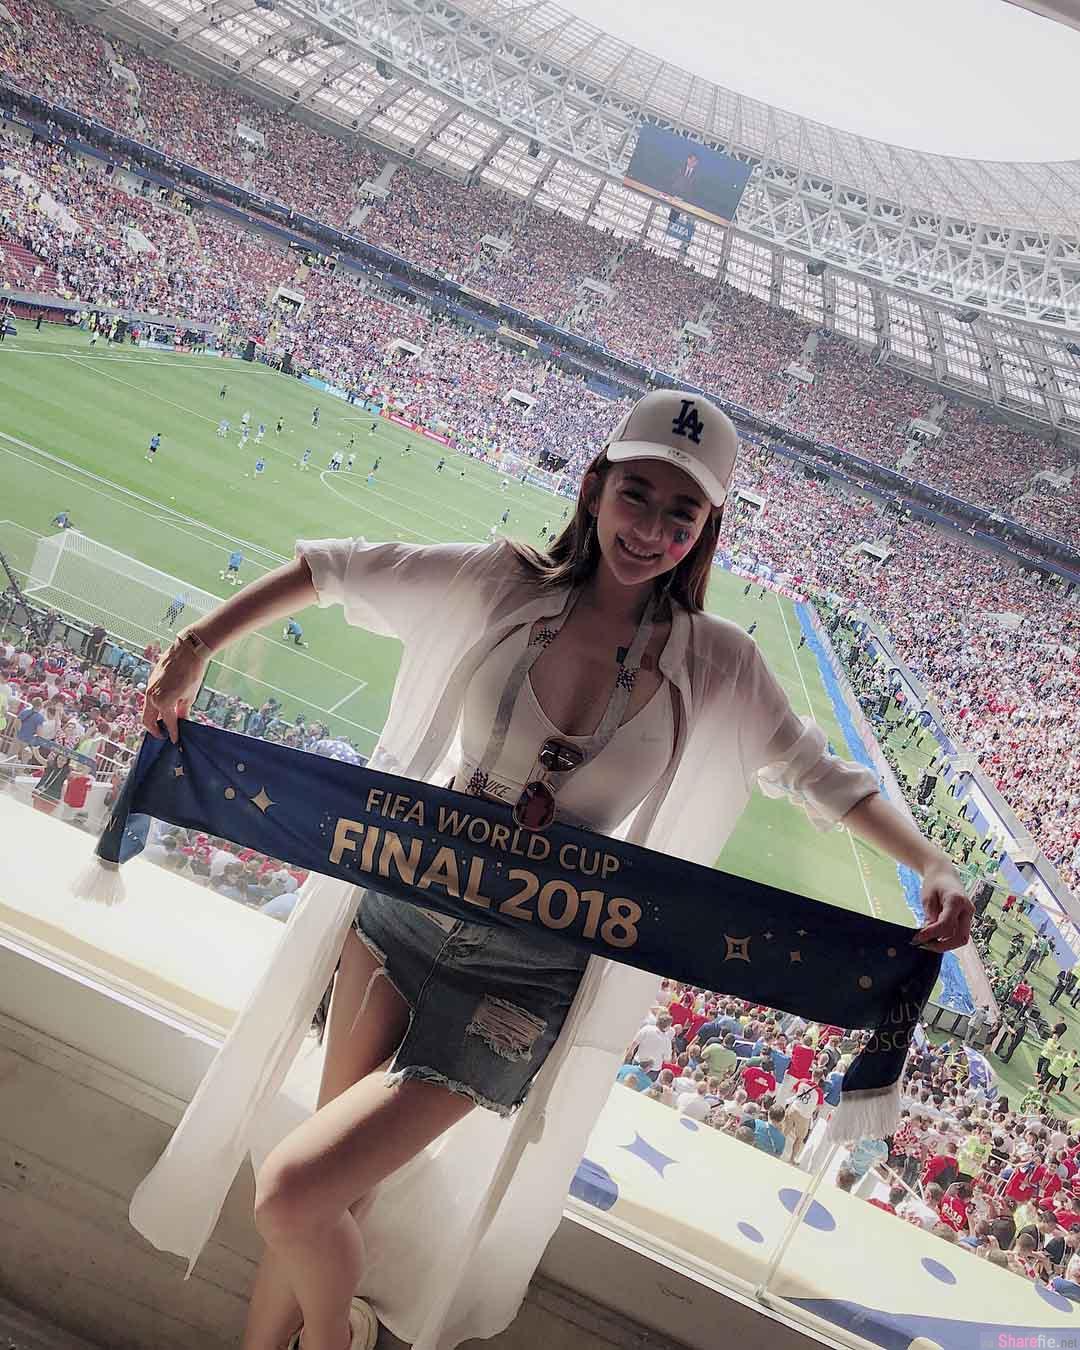 世杯决赛现场发现正妹,超兇上围惊艷网友:门票多少钱?